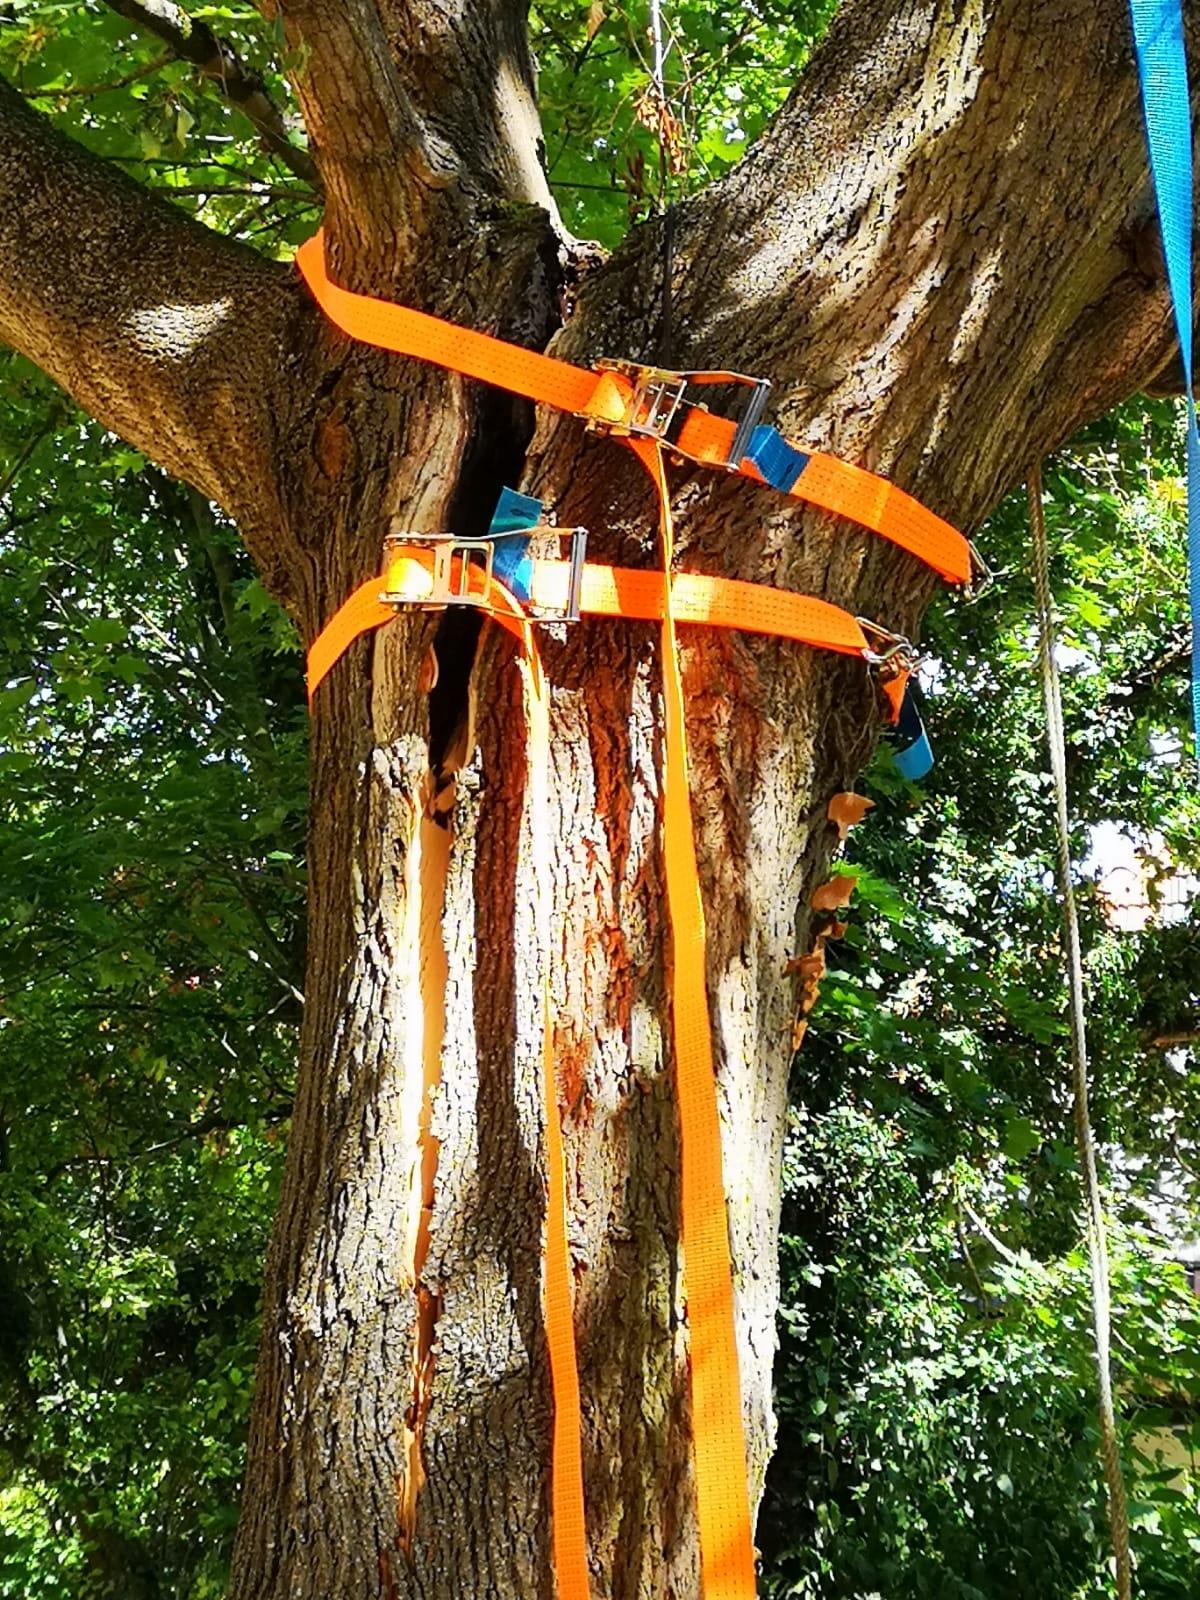 H1 Baum droht umzustürzen 10 2018-08-11